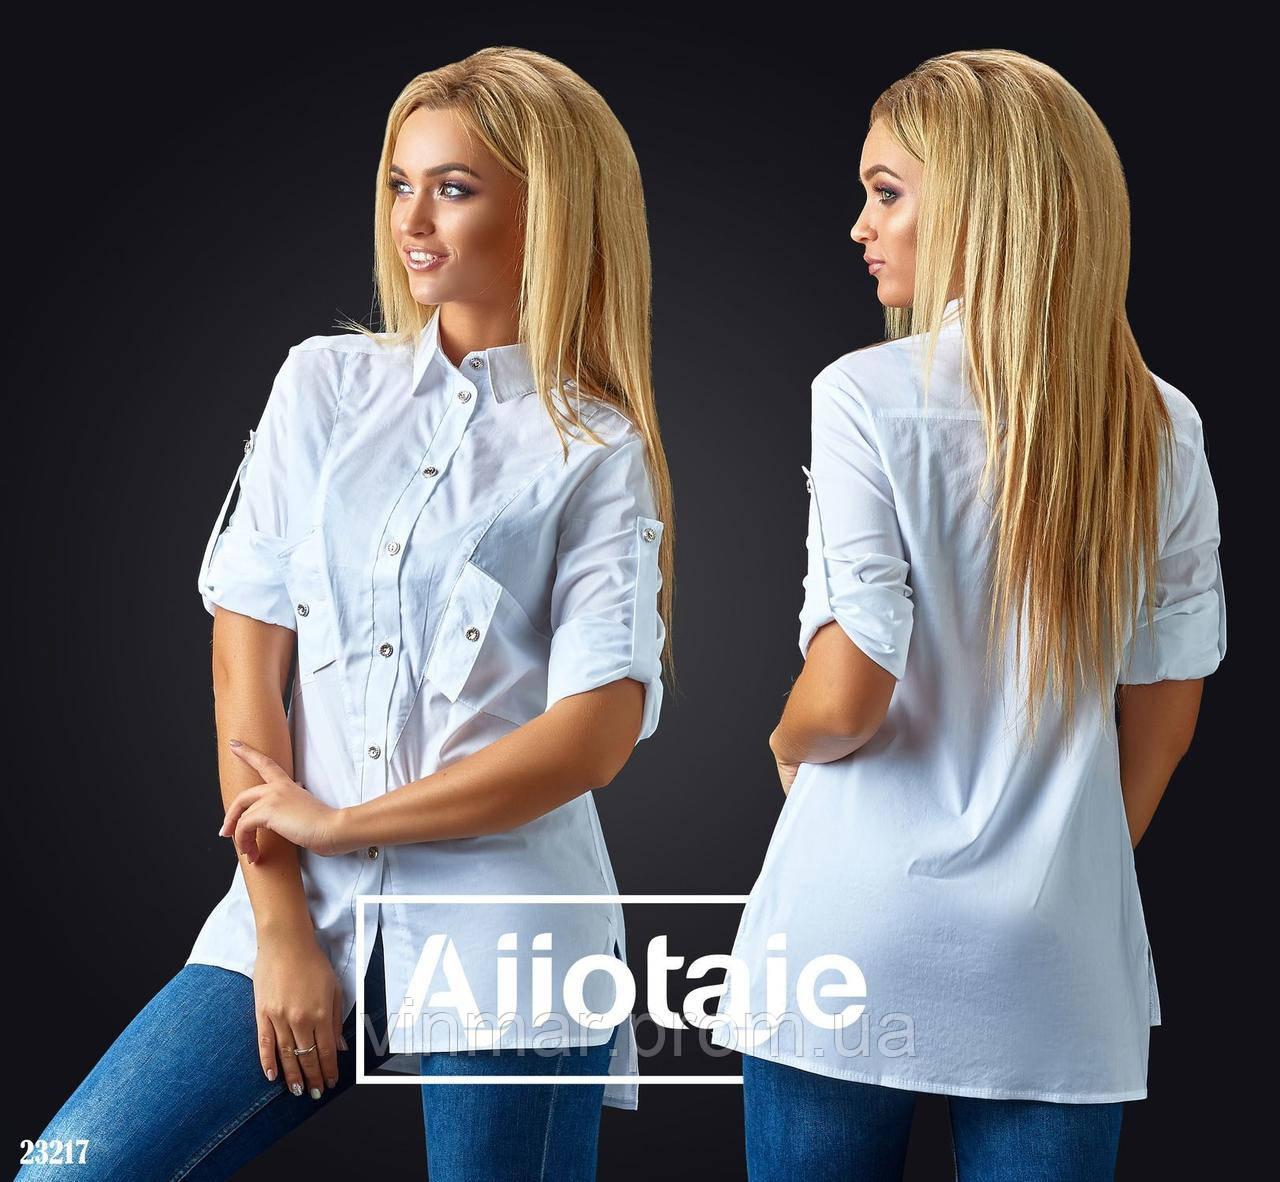 Рубашка - 23217